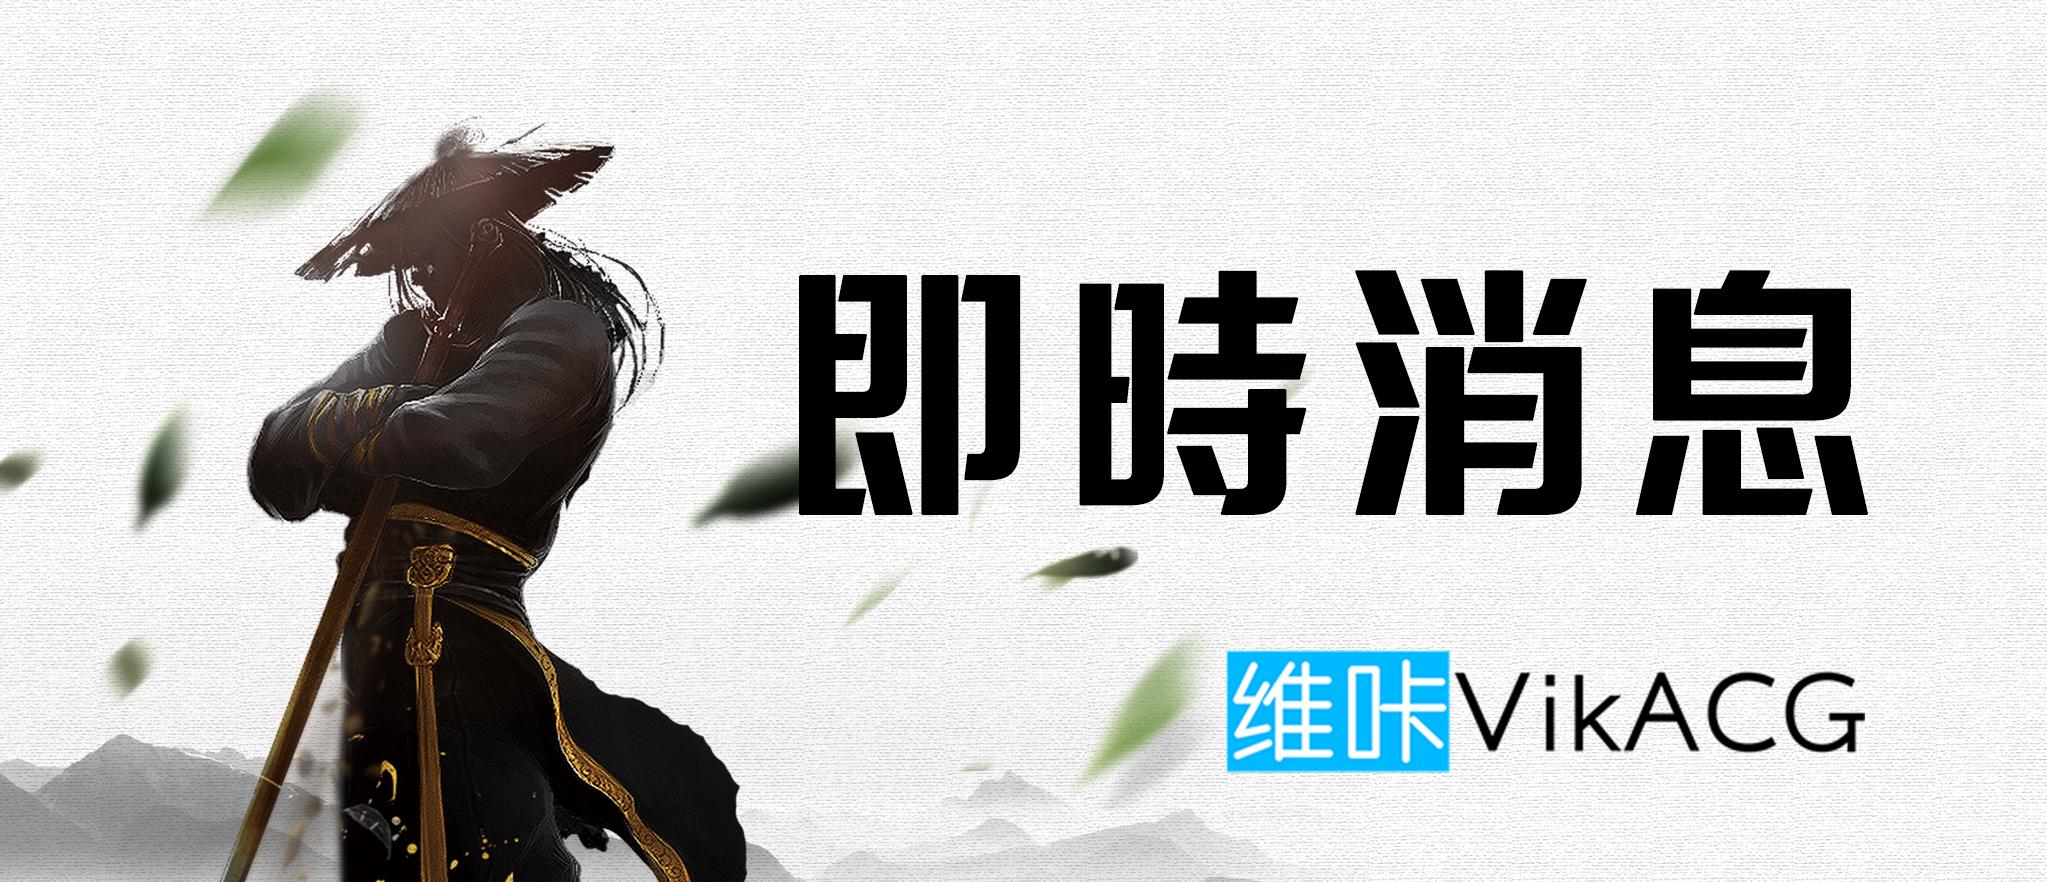 关于禁止上传中国产3A游戏资源的公告